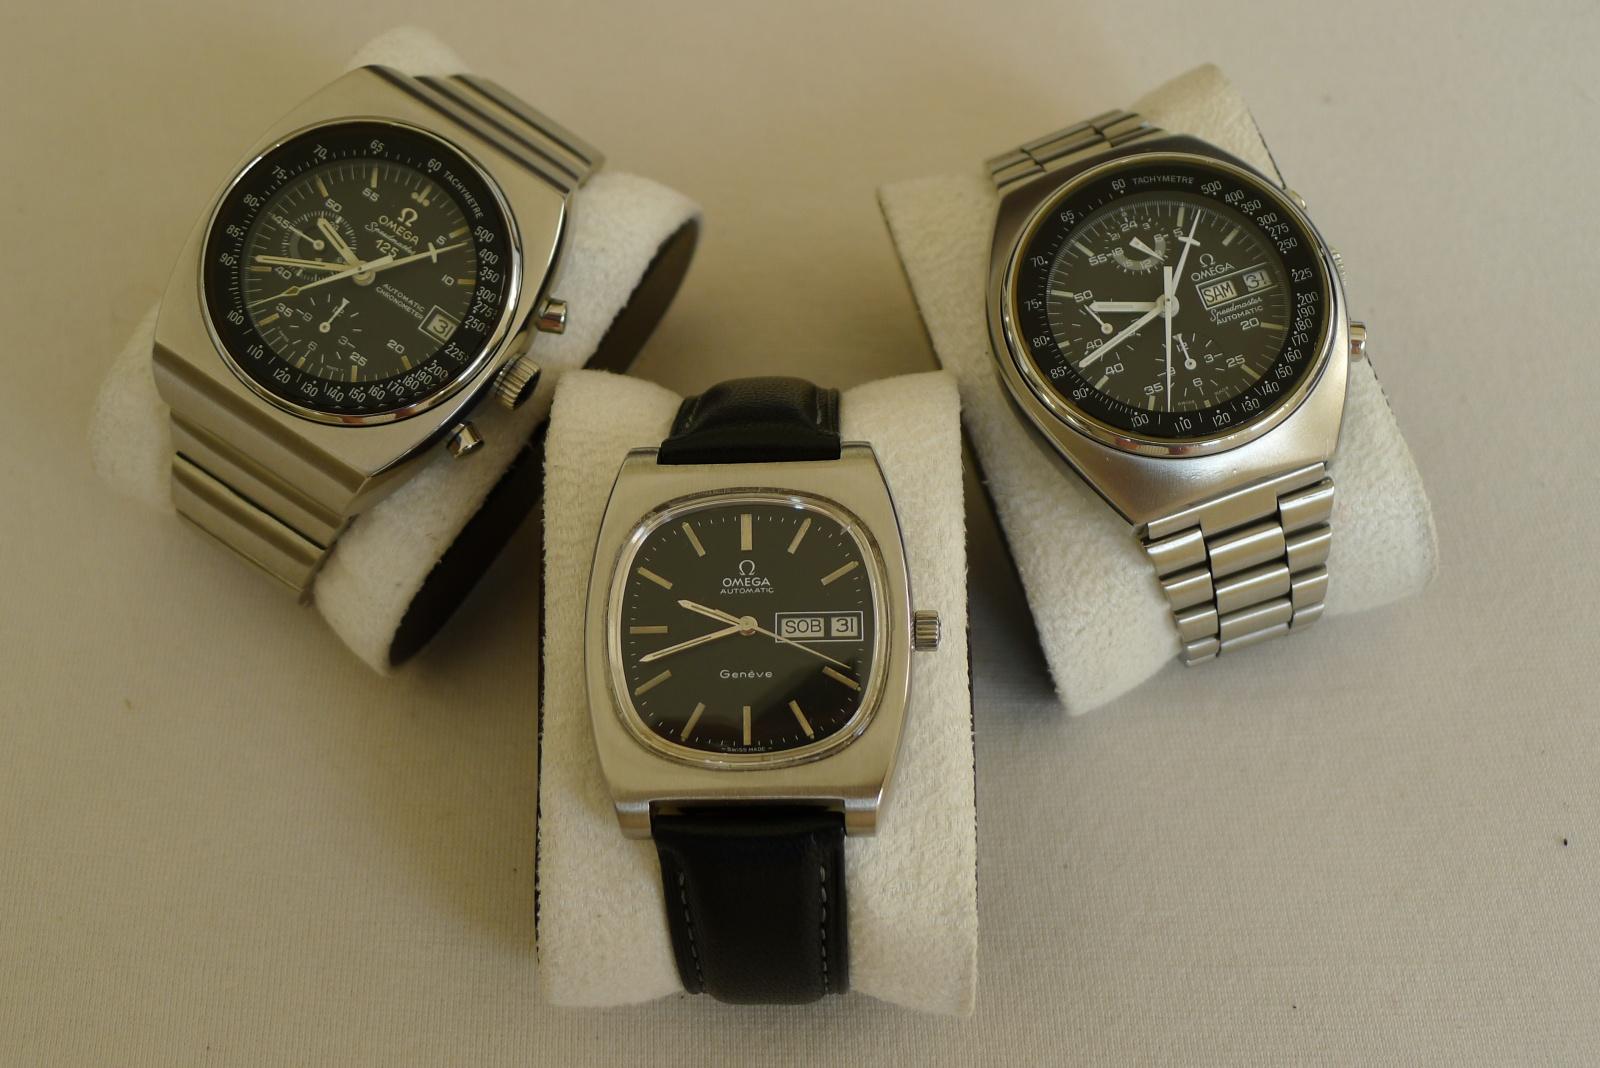 OMEGA x 3 , Speedmaster 125 1973, Geneve PL 1977 i Speedmaster Mark 4.5 1982